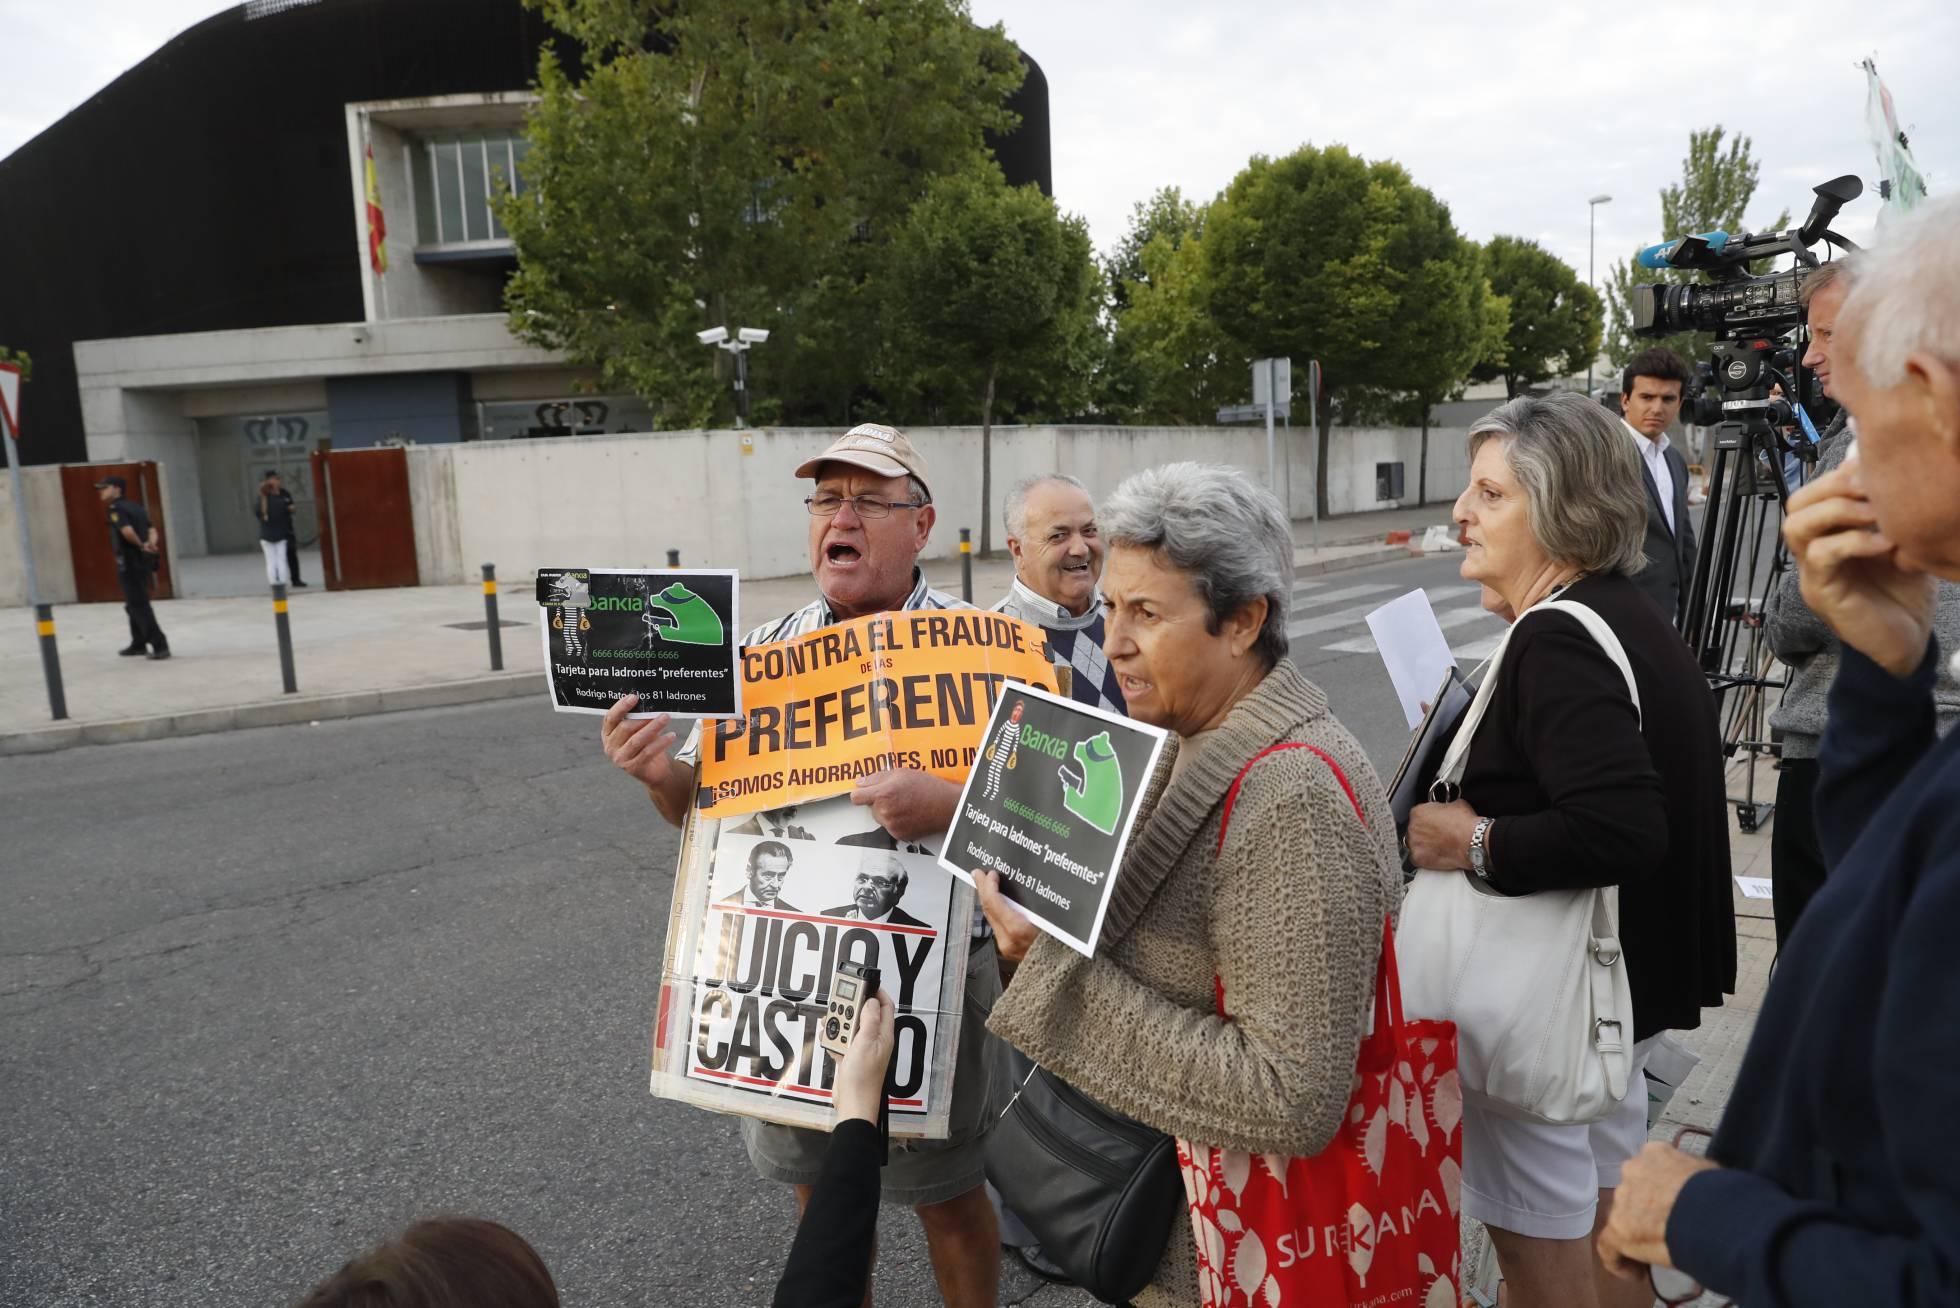 Condenada Bankia por vender preferentes a una mujer de 80 años enferma de alzheimer